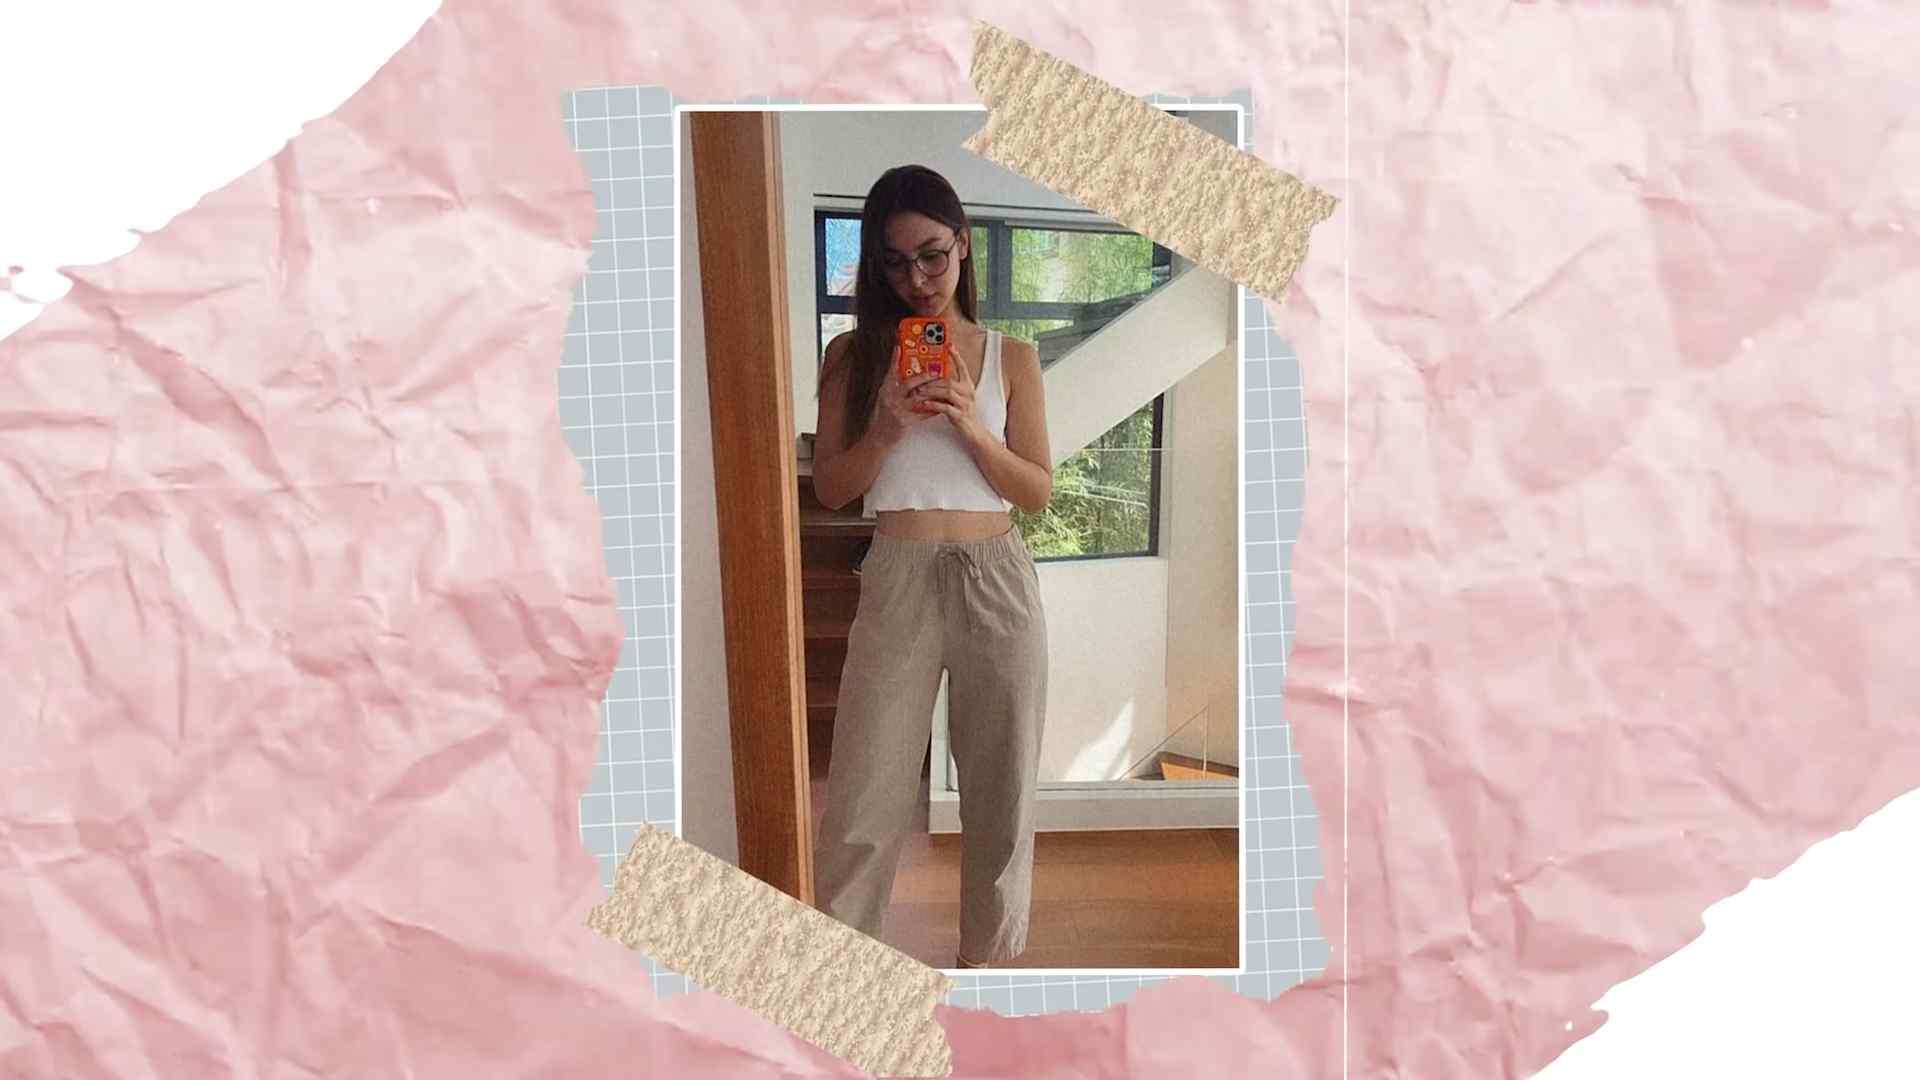 Julia Baretto's most worn clothes - lounge pants